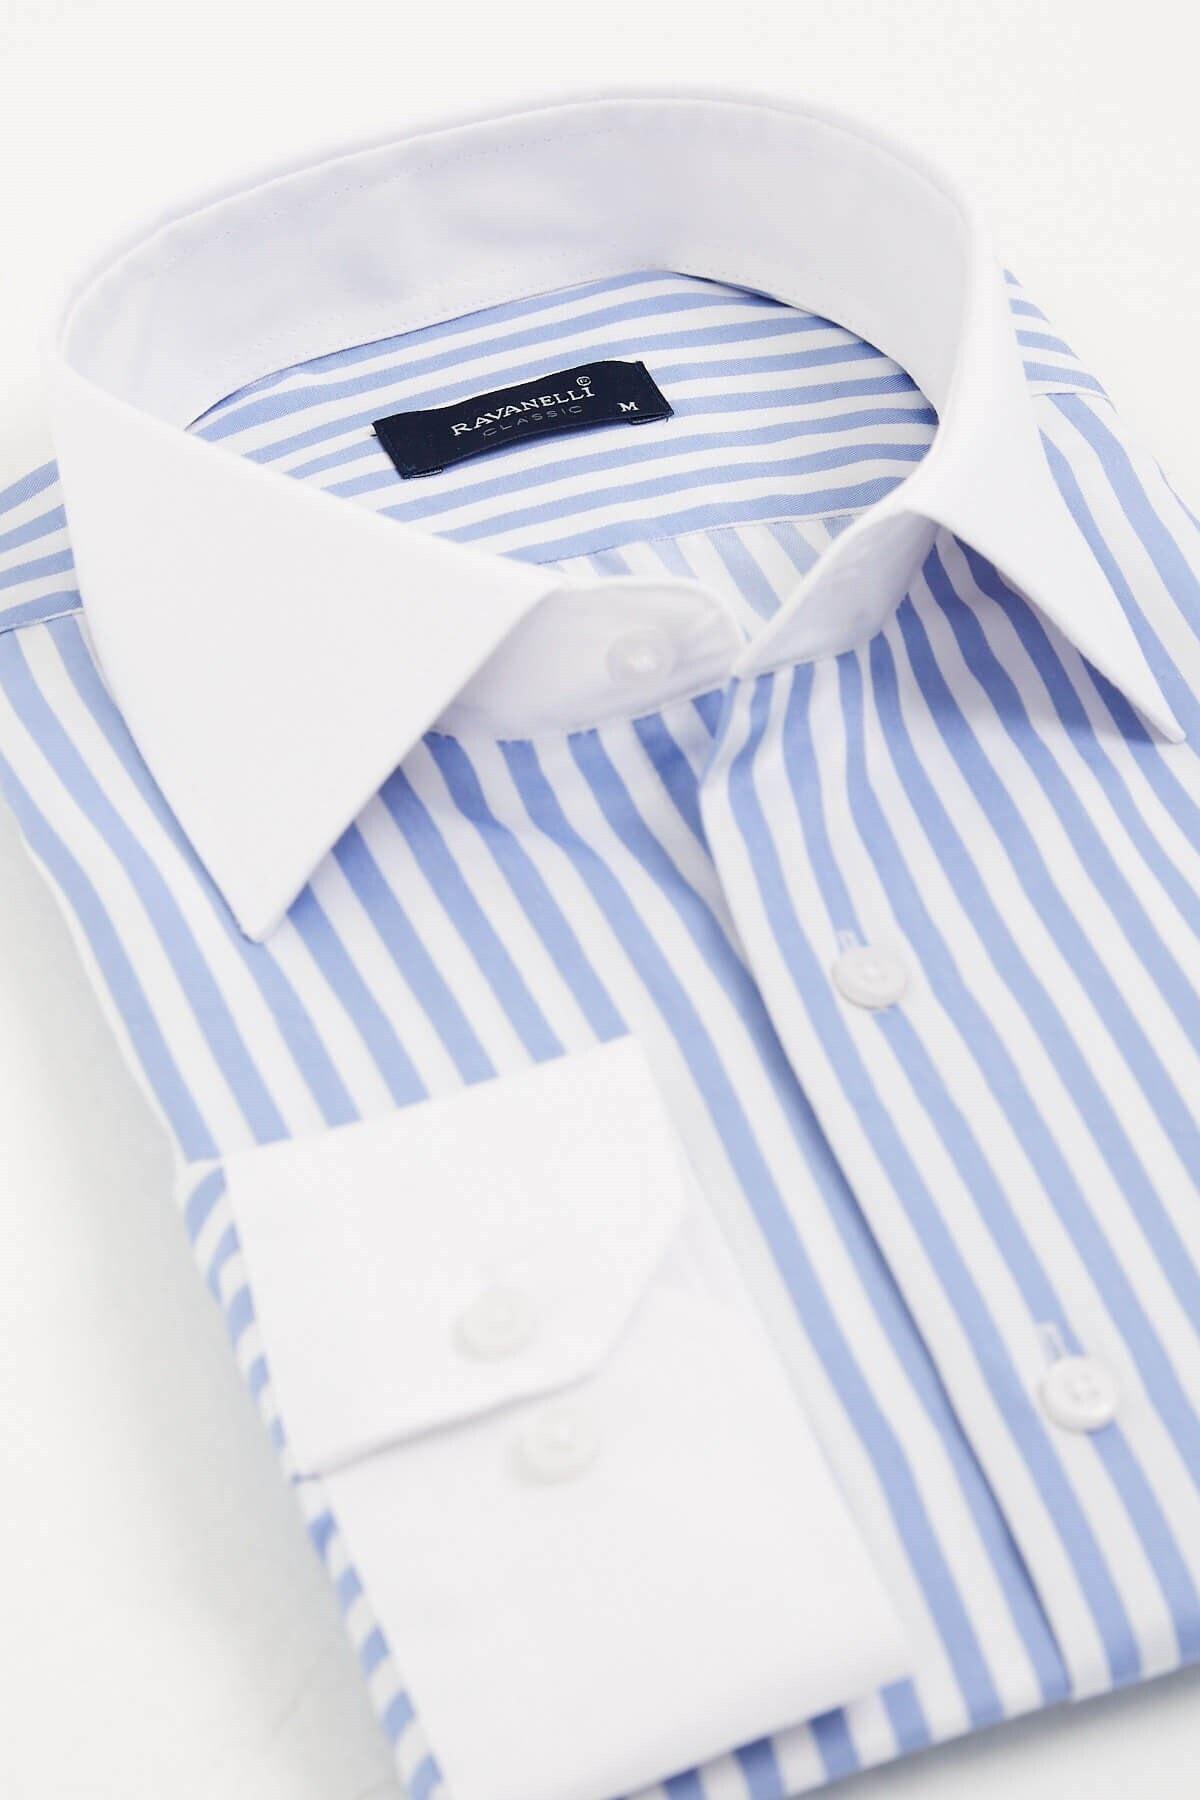 RAVANELLI Beyaz Yakalı Çizgili Klasik Gömlek 2